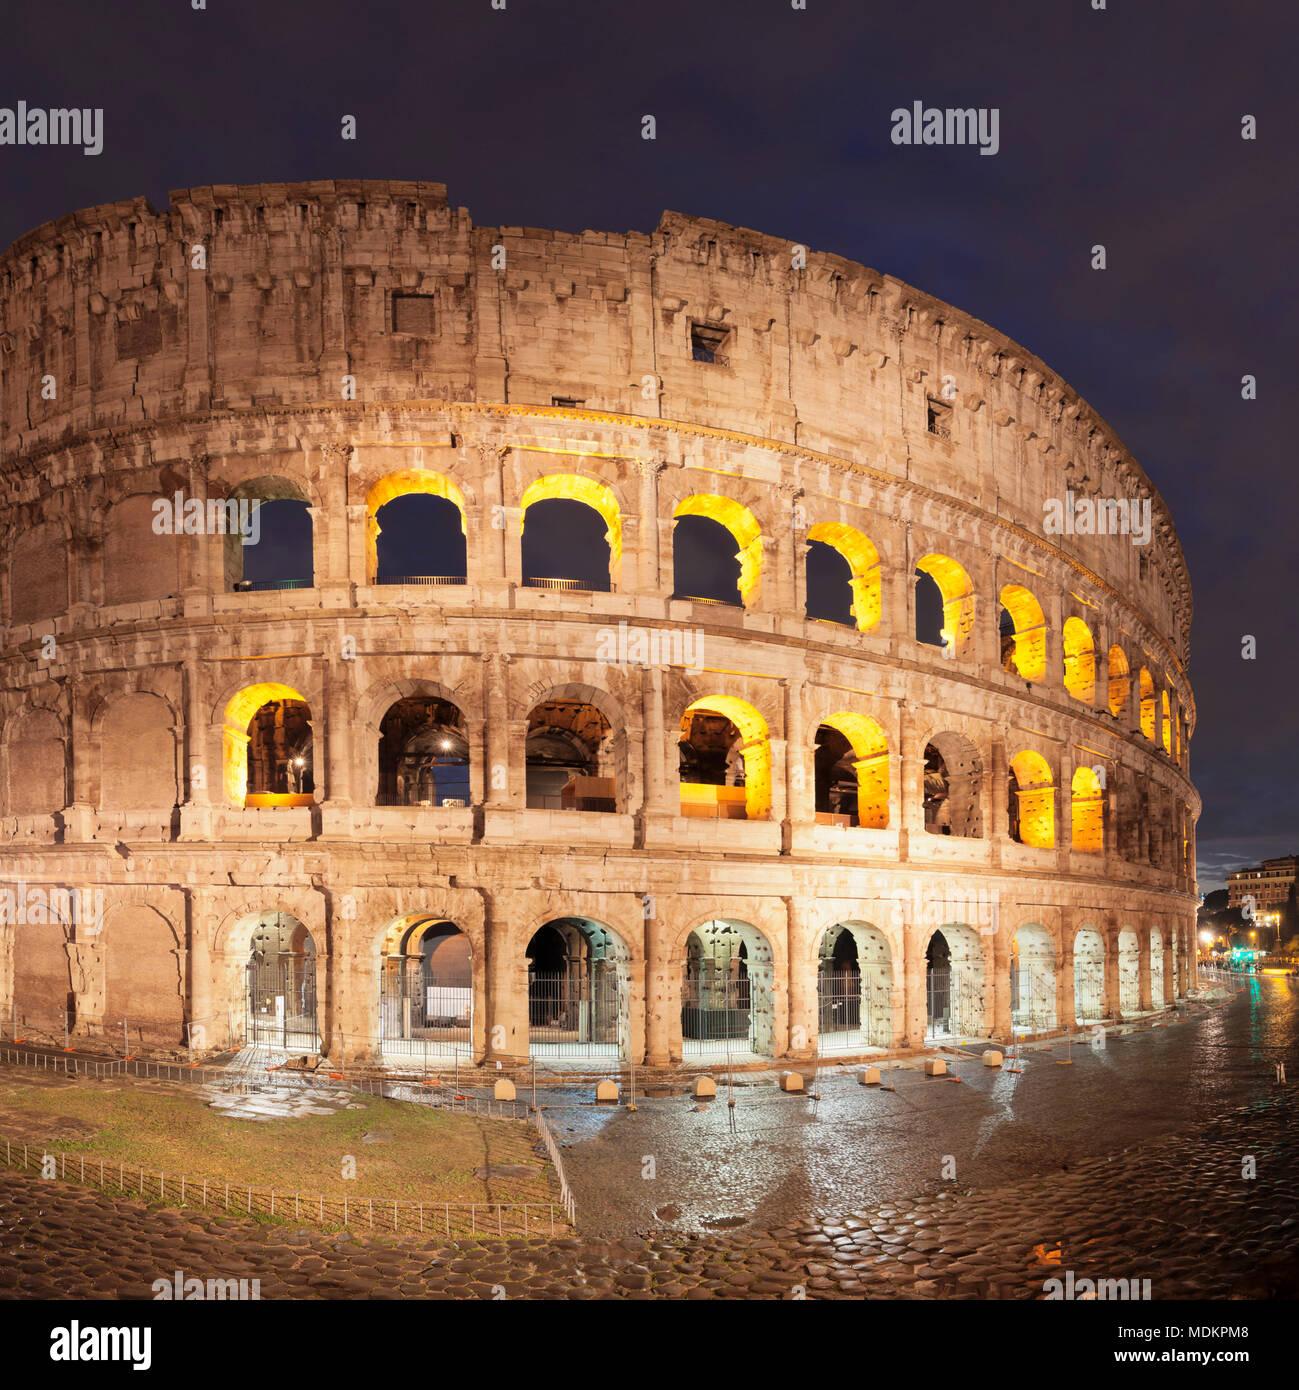 Beleuchtete Kolosseum, Colosseo, UNESCO-Weltkulturerbe, Rom, Latium, Italien Stockbild